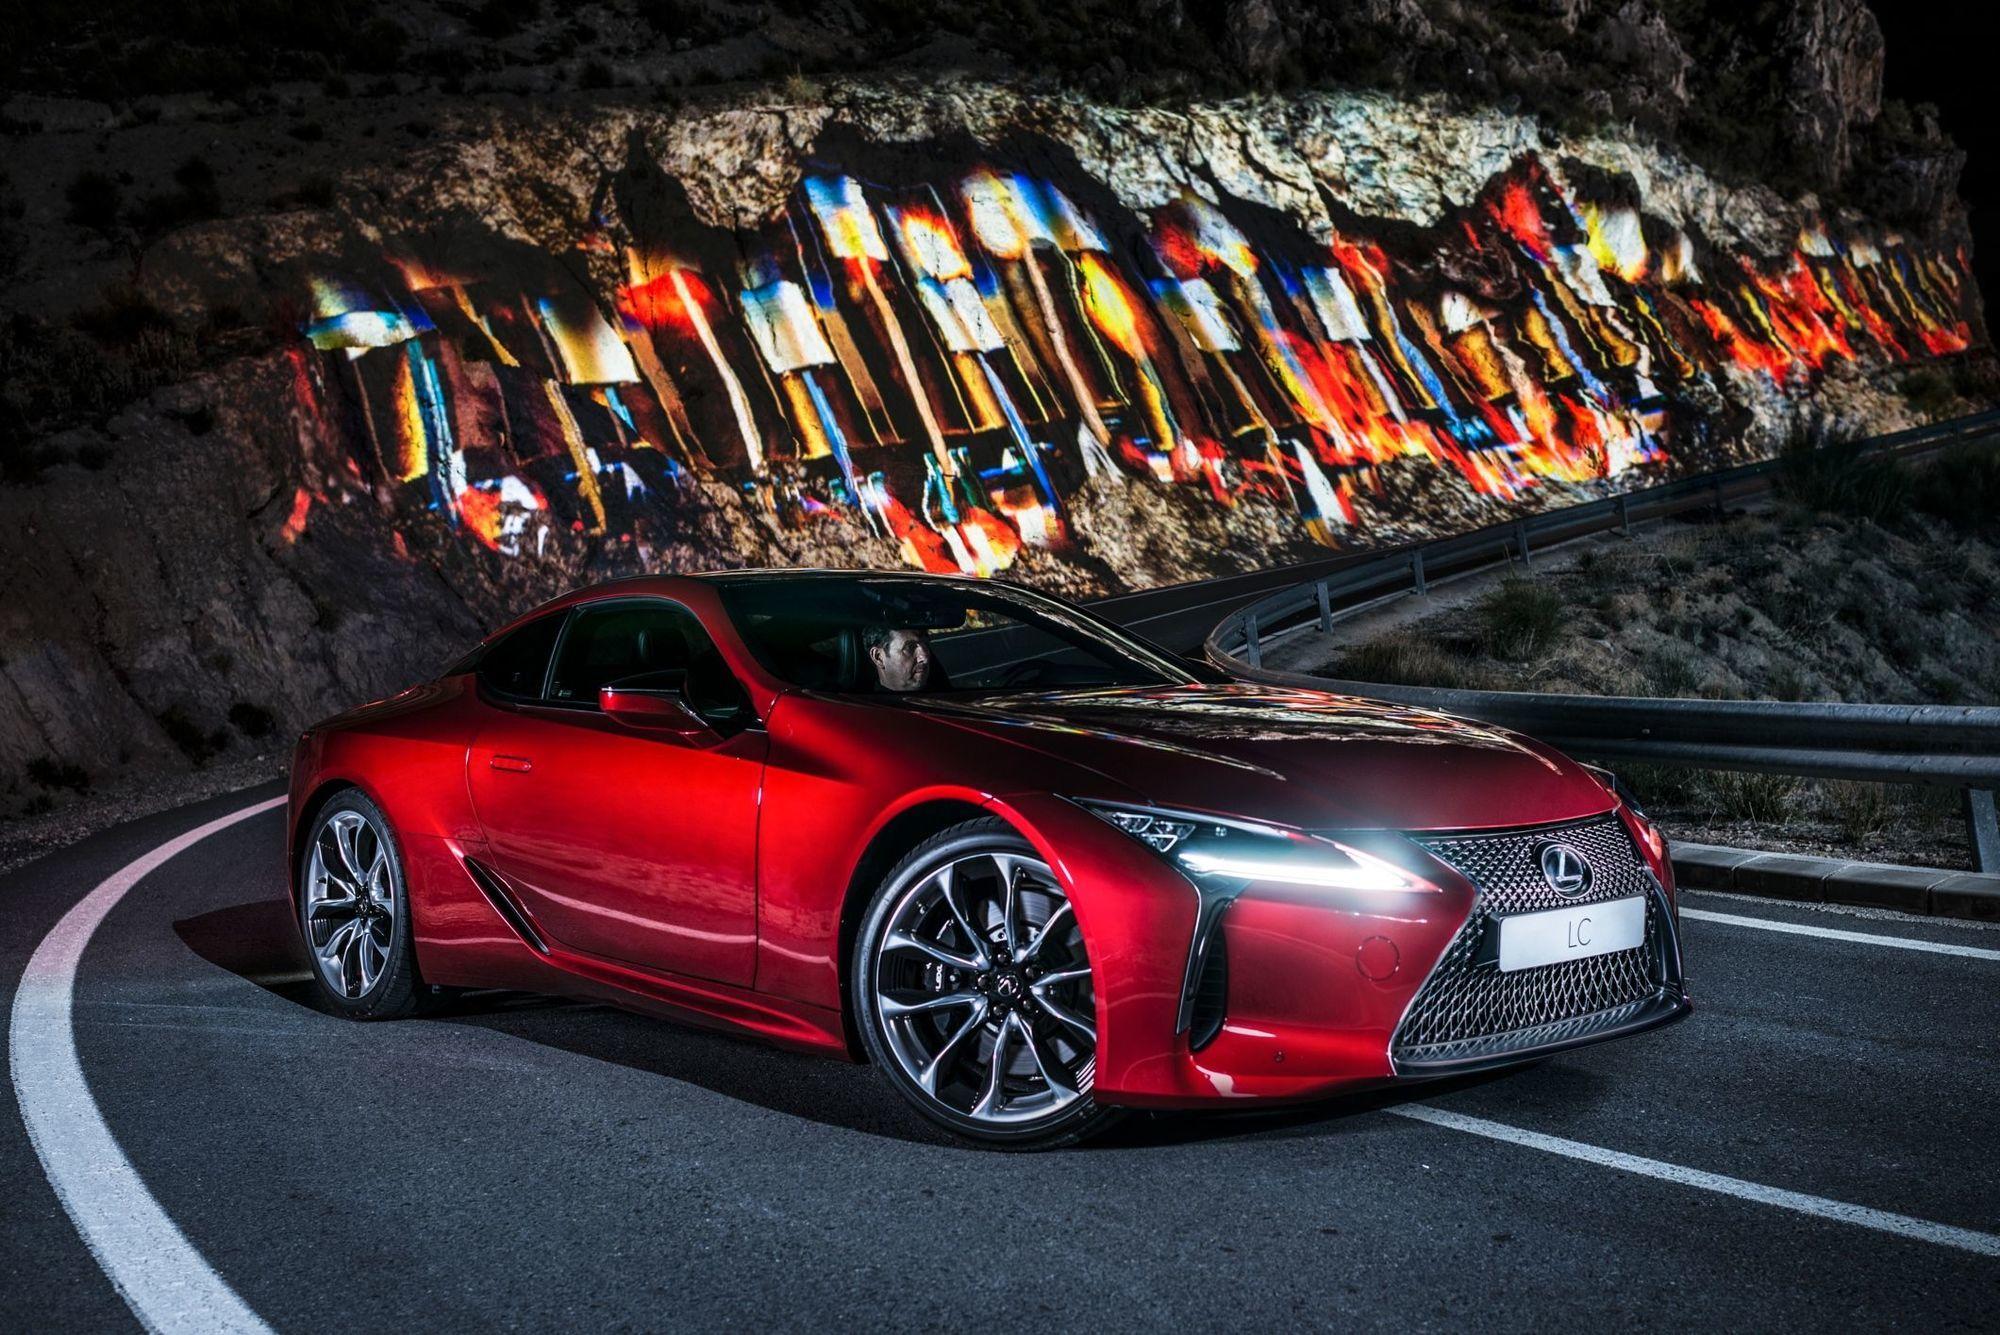 mid Groß-Gerau - Licht und Luxus: Der Lexus LC 500 posiert in der Bergwelt der spanischen Sierra Nevada vor laufender Kamera.